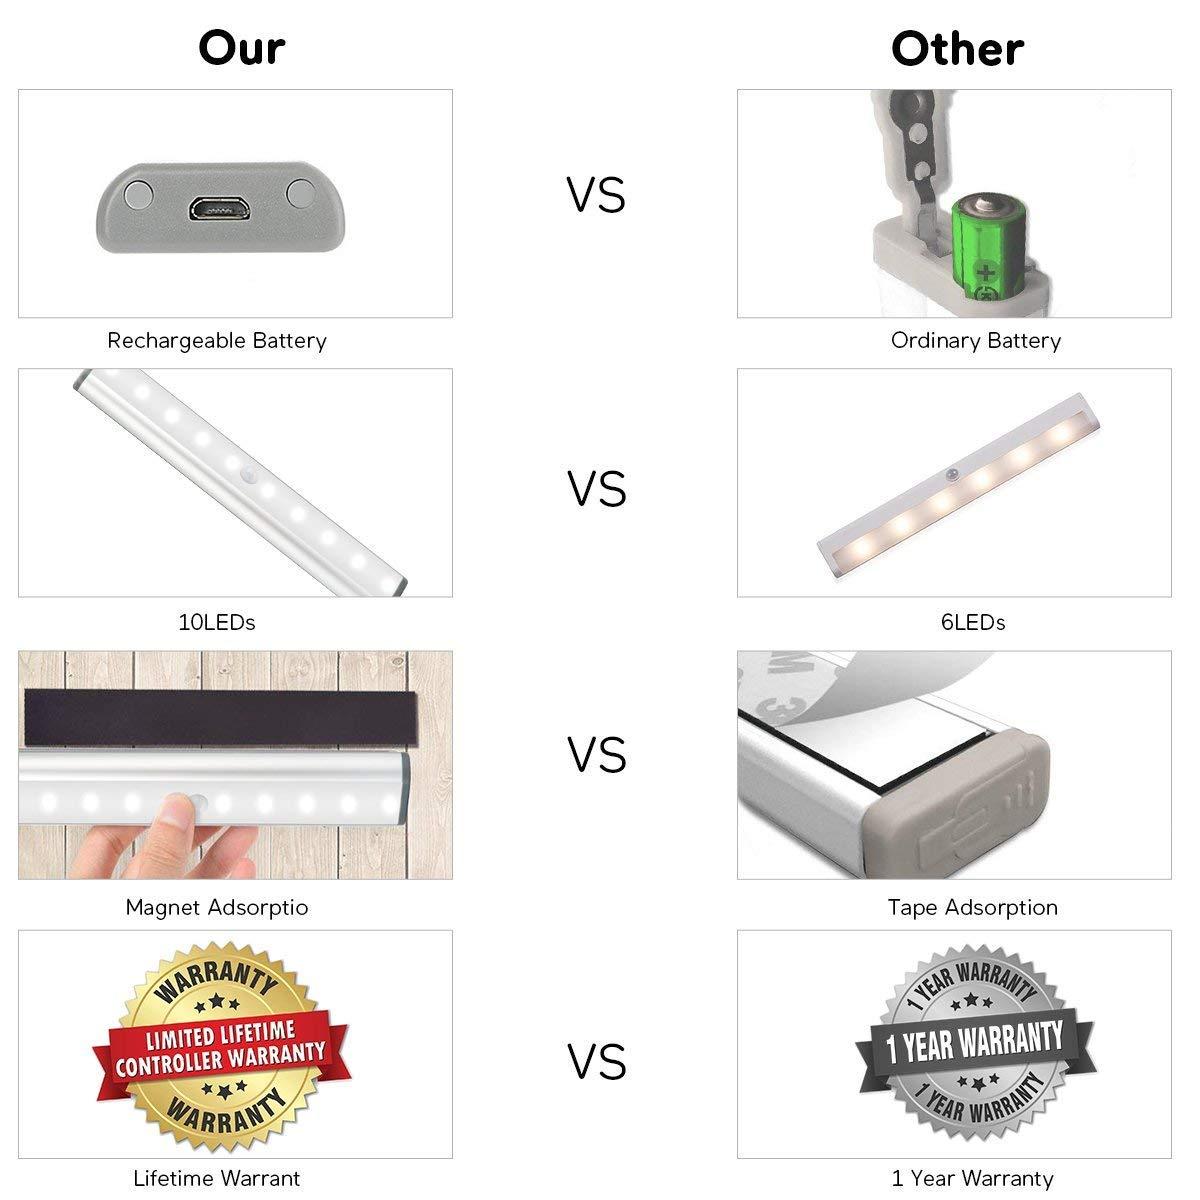 magnetische abnehmbare Stick-On f/ür Schrank//Kleiderschrank USB Wireless wiederaufladbare 10 LED Schrank Beleuchtung EEIEER Bewegung Sensor Licht Cabinet Lights k/ühles wei/ßes,Silber 3 Pack